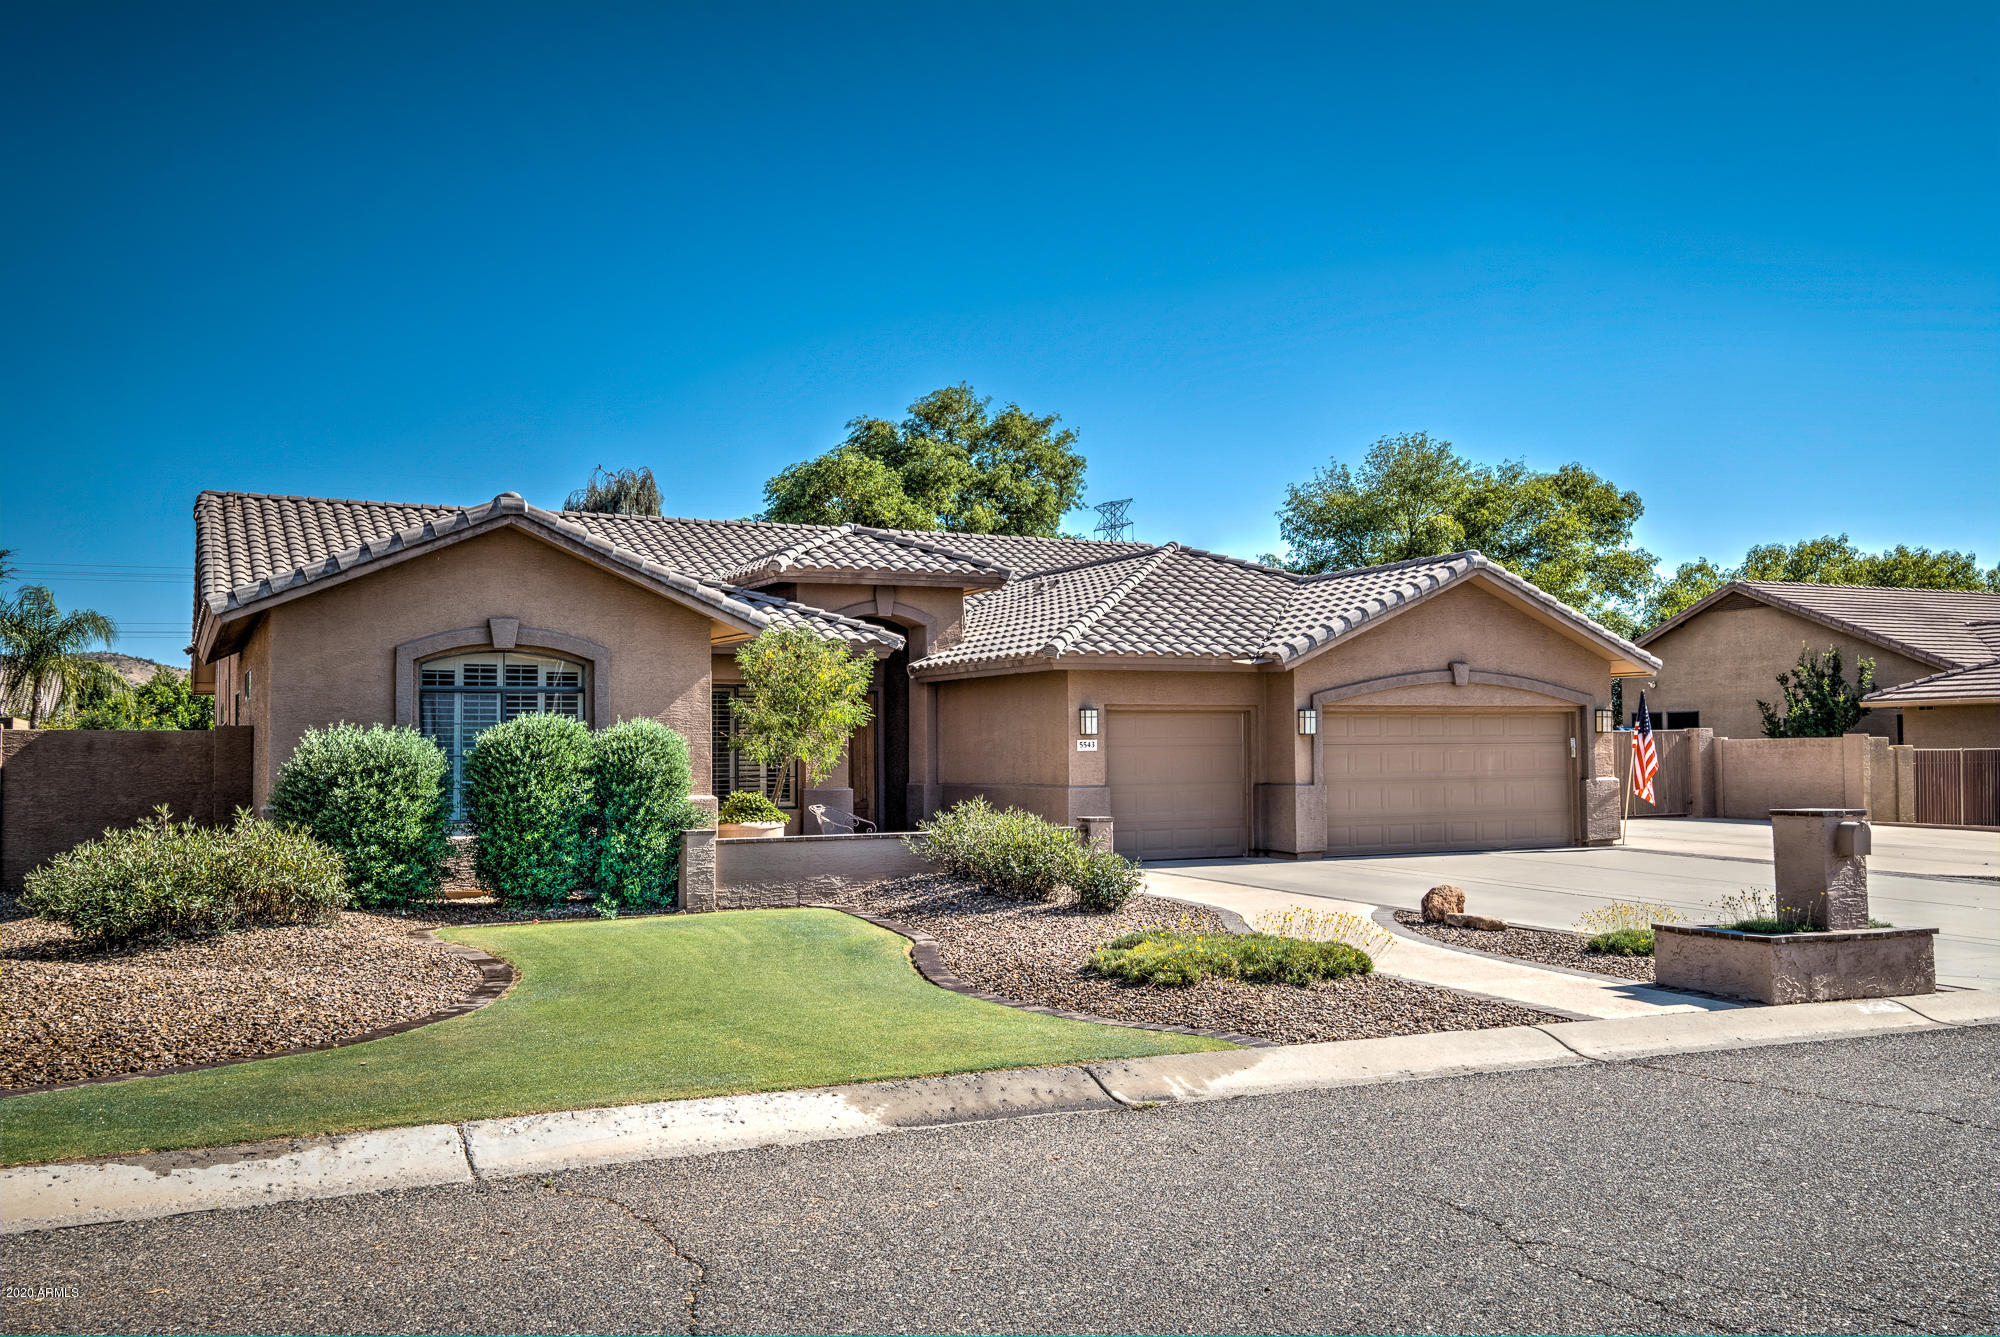 Photo of 5543 W WEST WIND Drive, Glendale, AZ 85310